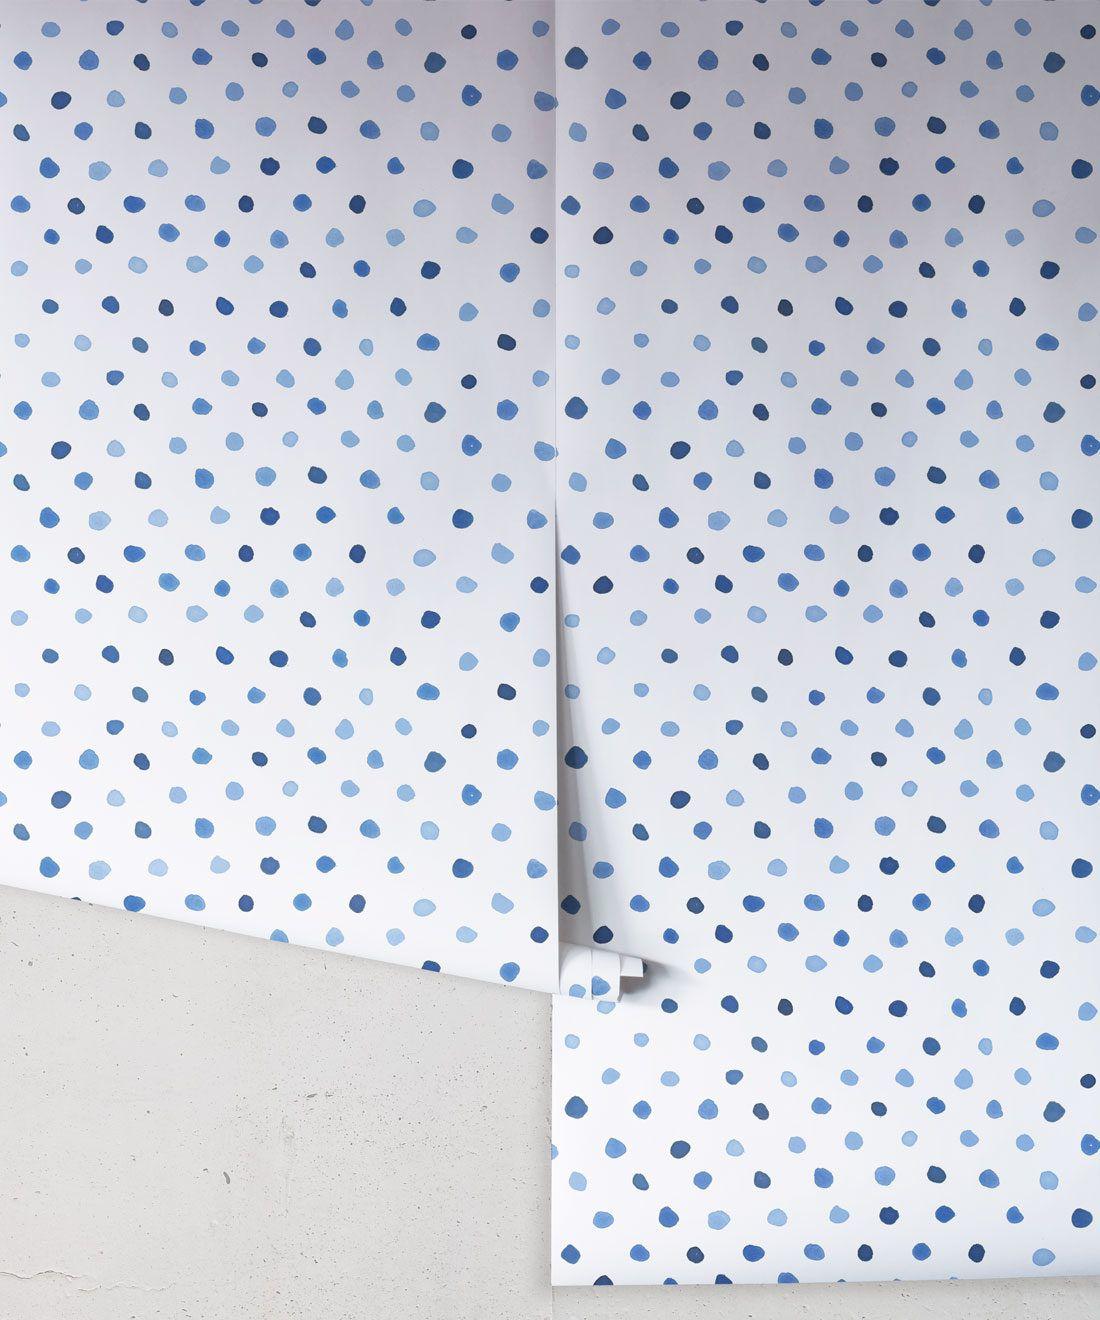 Dibba Dots • Georgia MacMillan • Blue Spotty Wallpaper • Milton & King USA